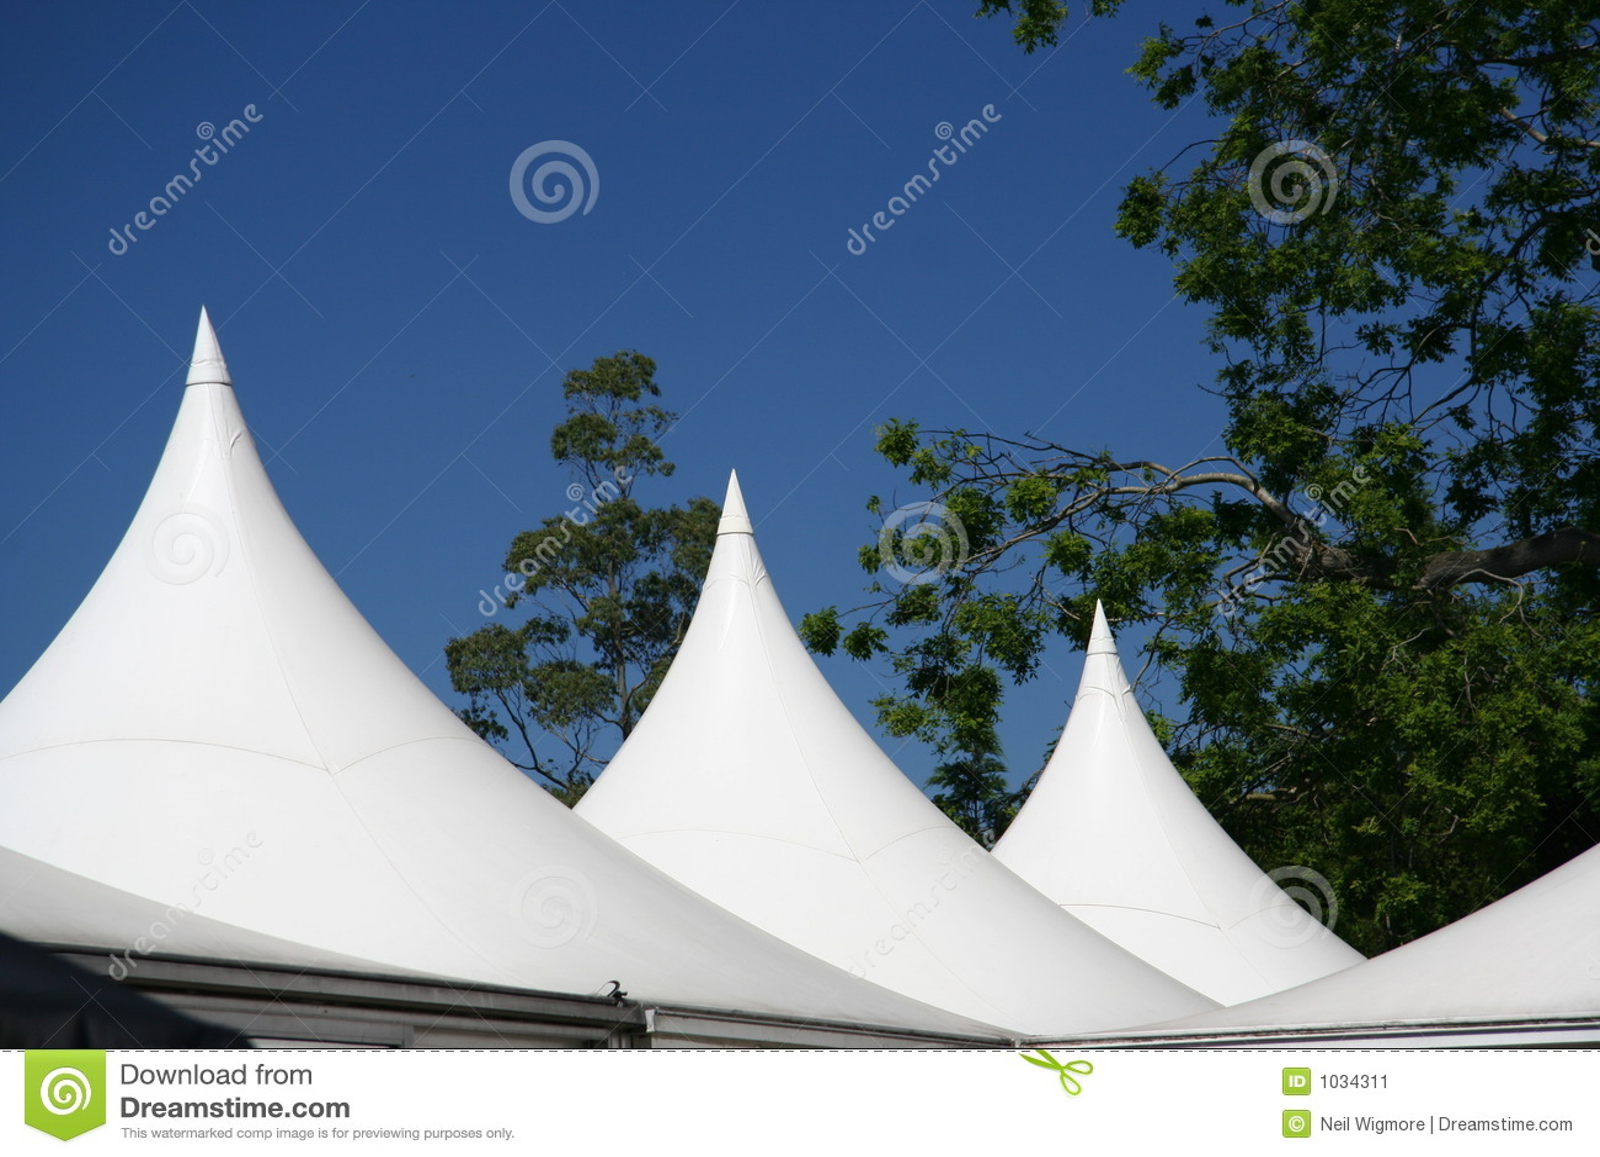 blue canvas roof ... & Canvas Roof Stock Image - Image: 1034311 memphite.com